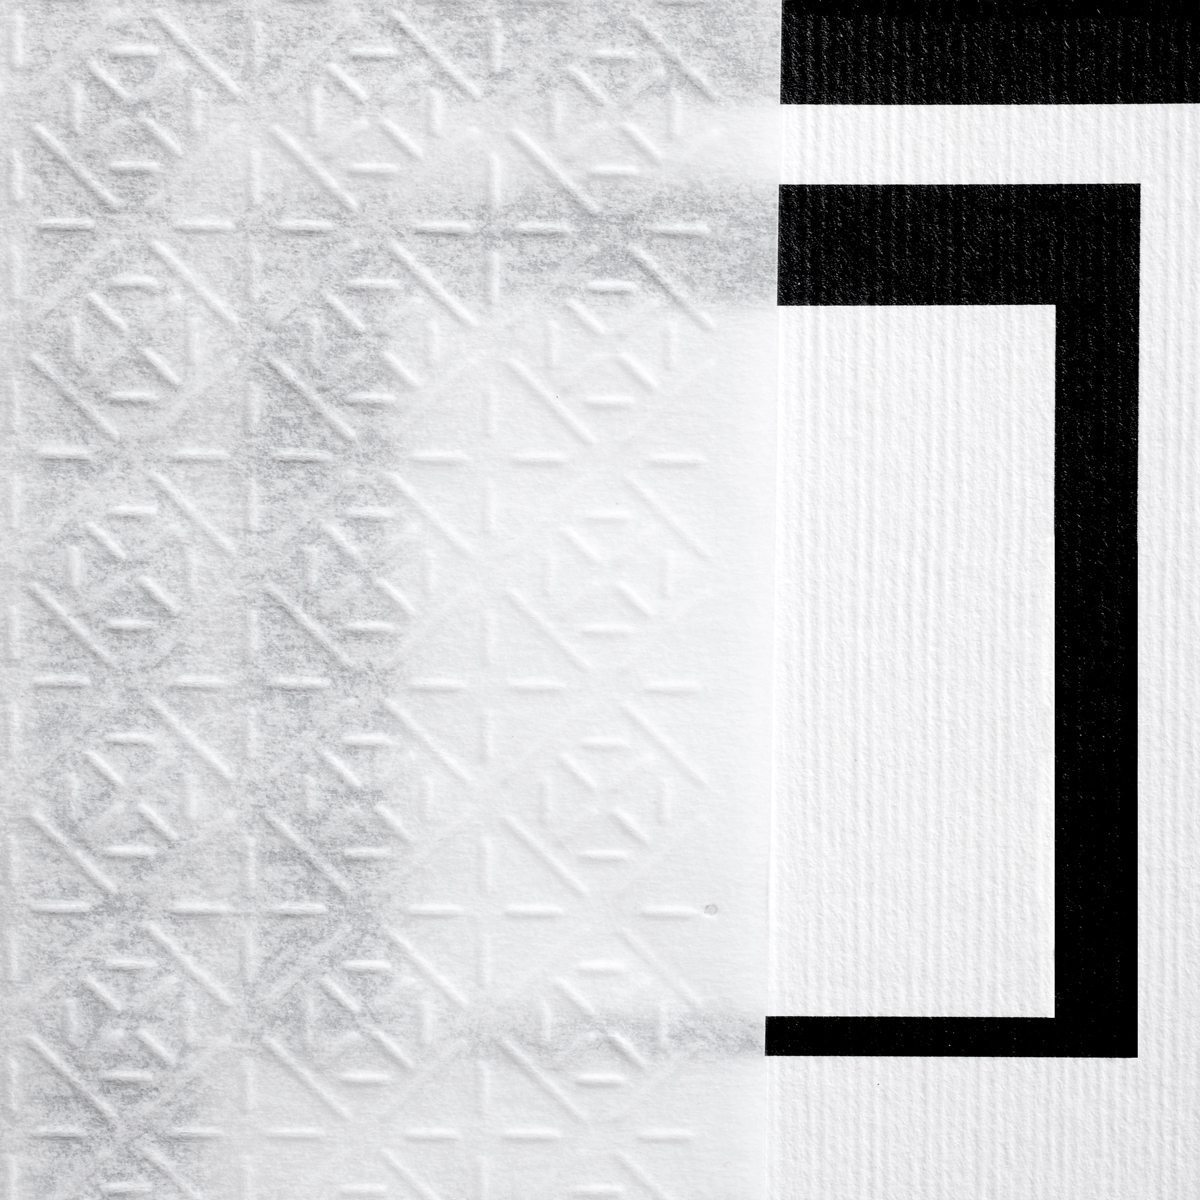 Chemise en Pergamenata gaufrée laissant apparaitre en semi-transparence, sous le relief du motif, les documents. Design Ich&Kar